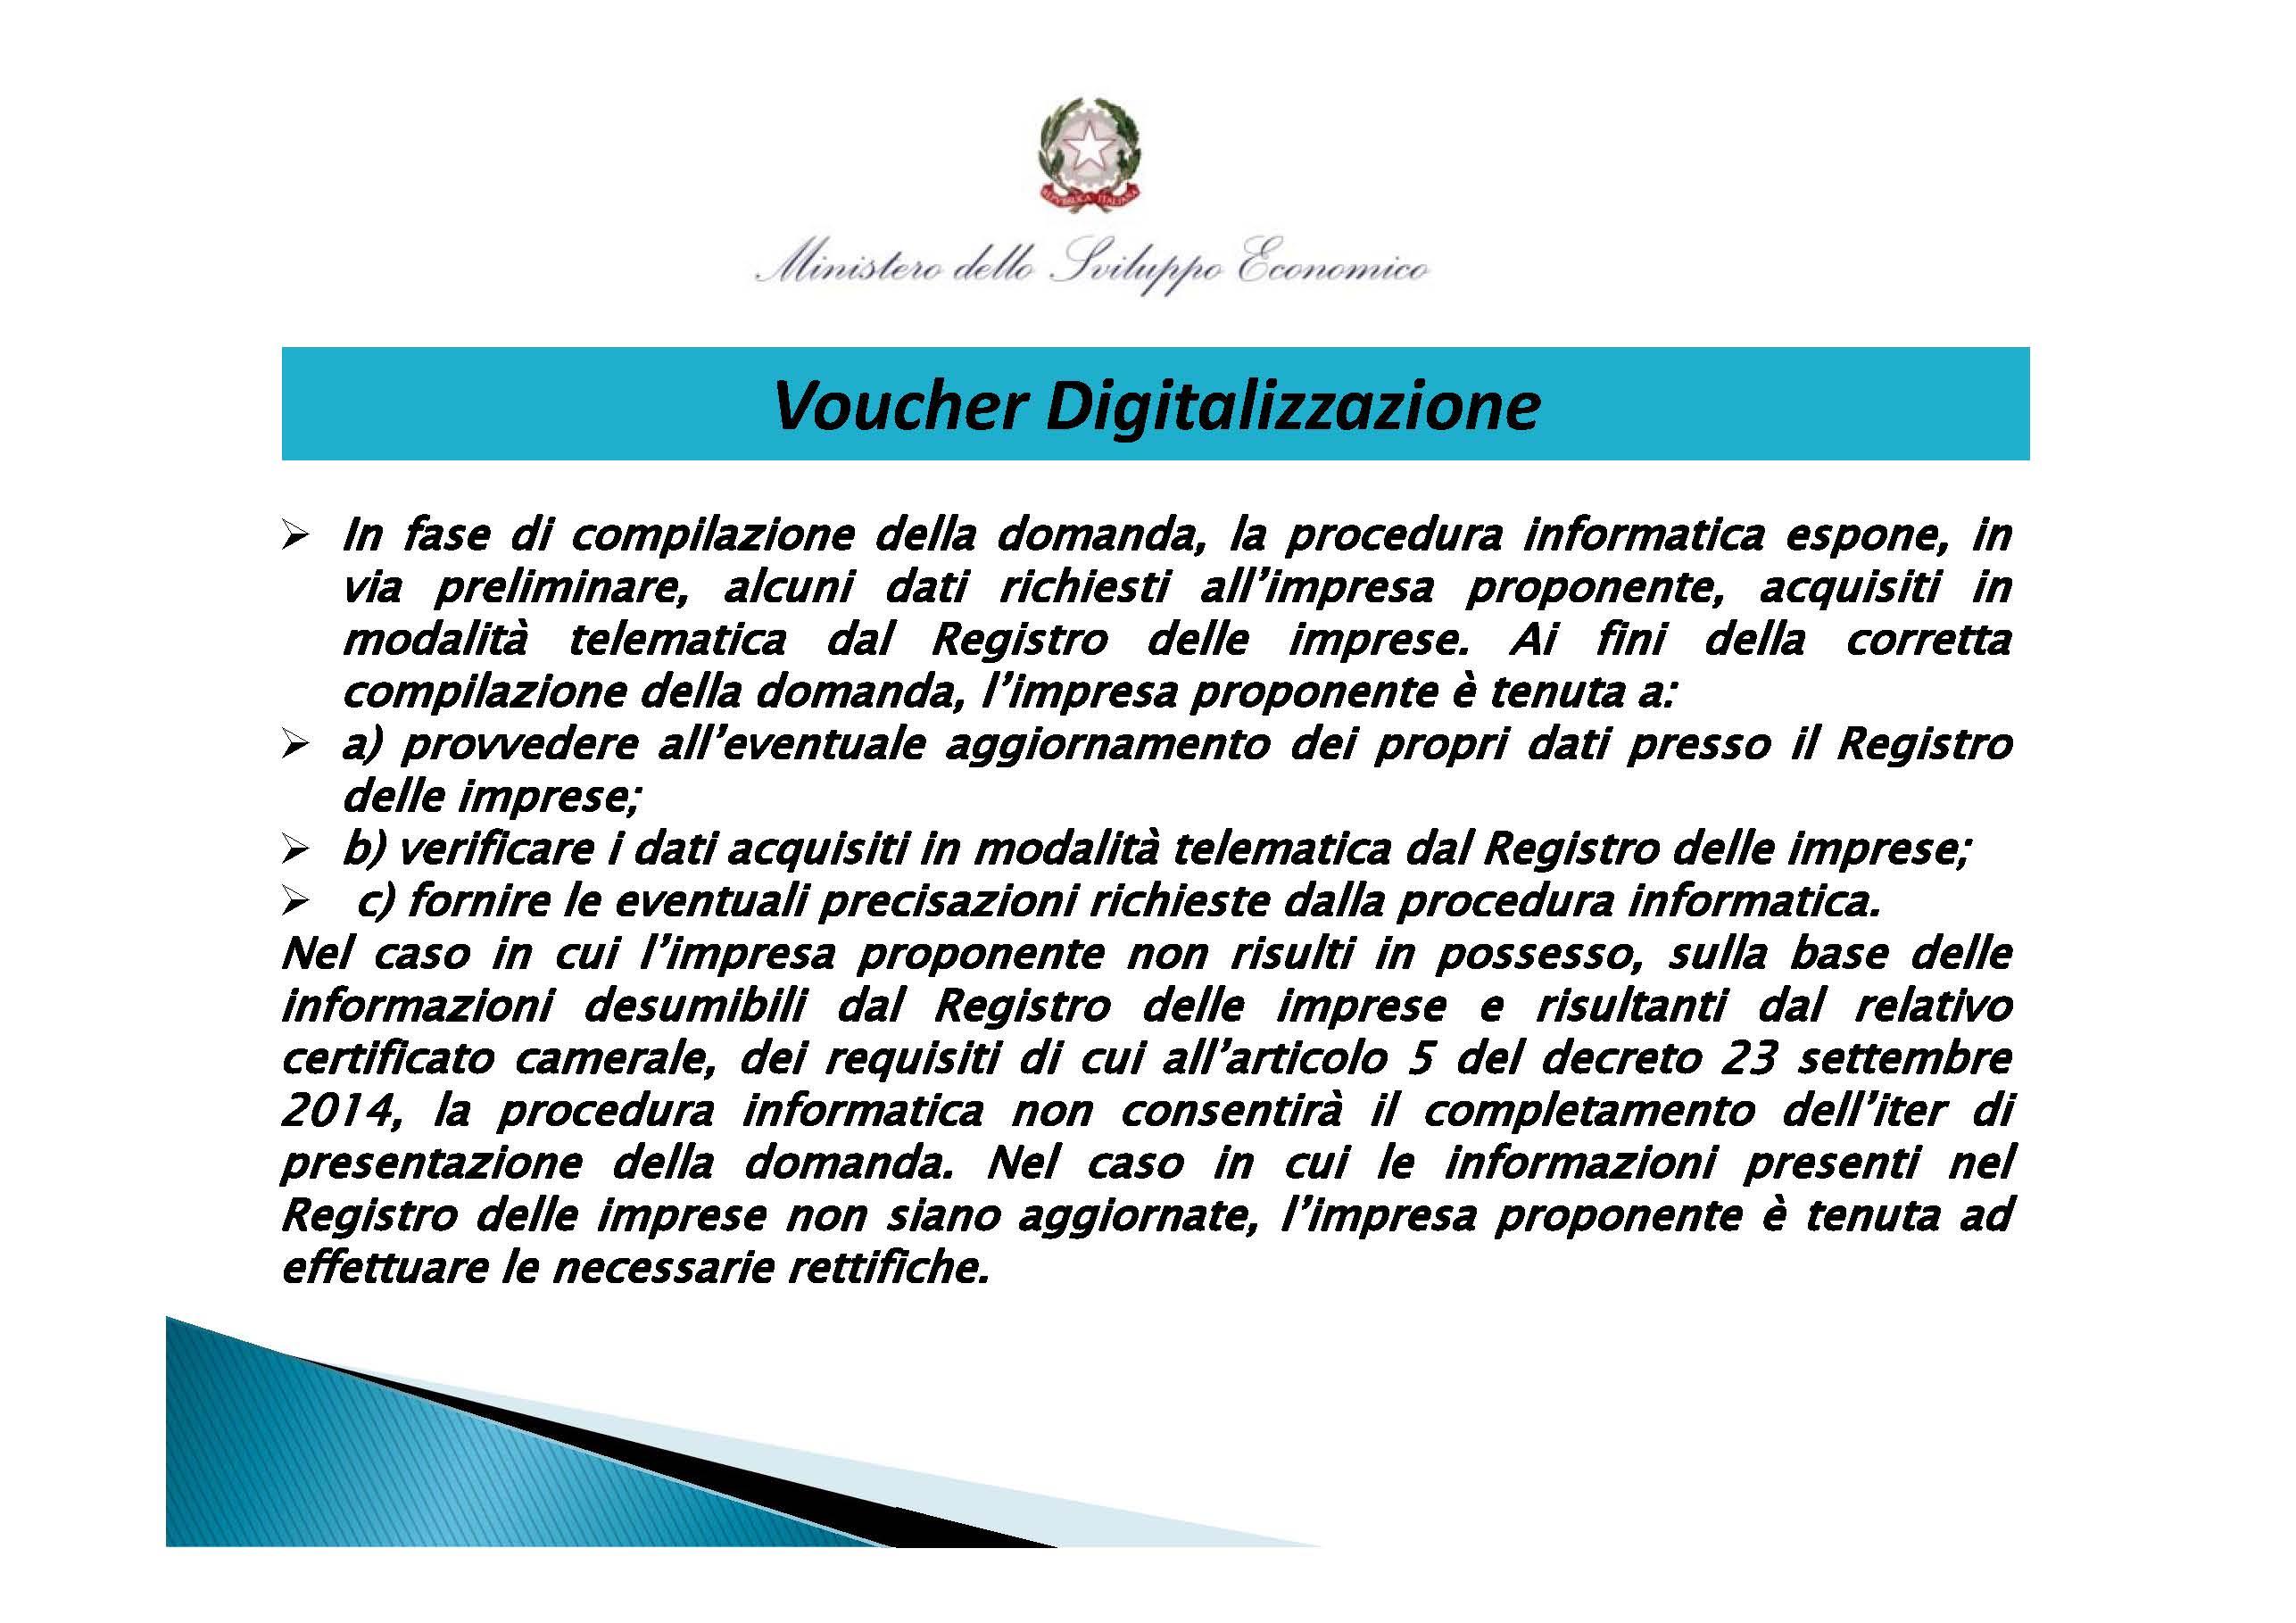 voucher-digitalizzazione-slide-bandoni_pagina_09